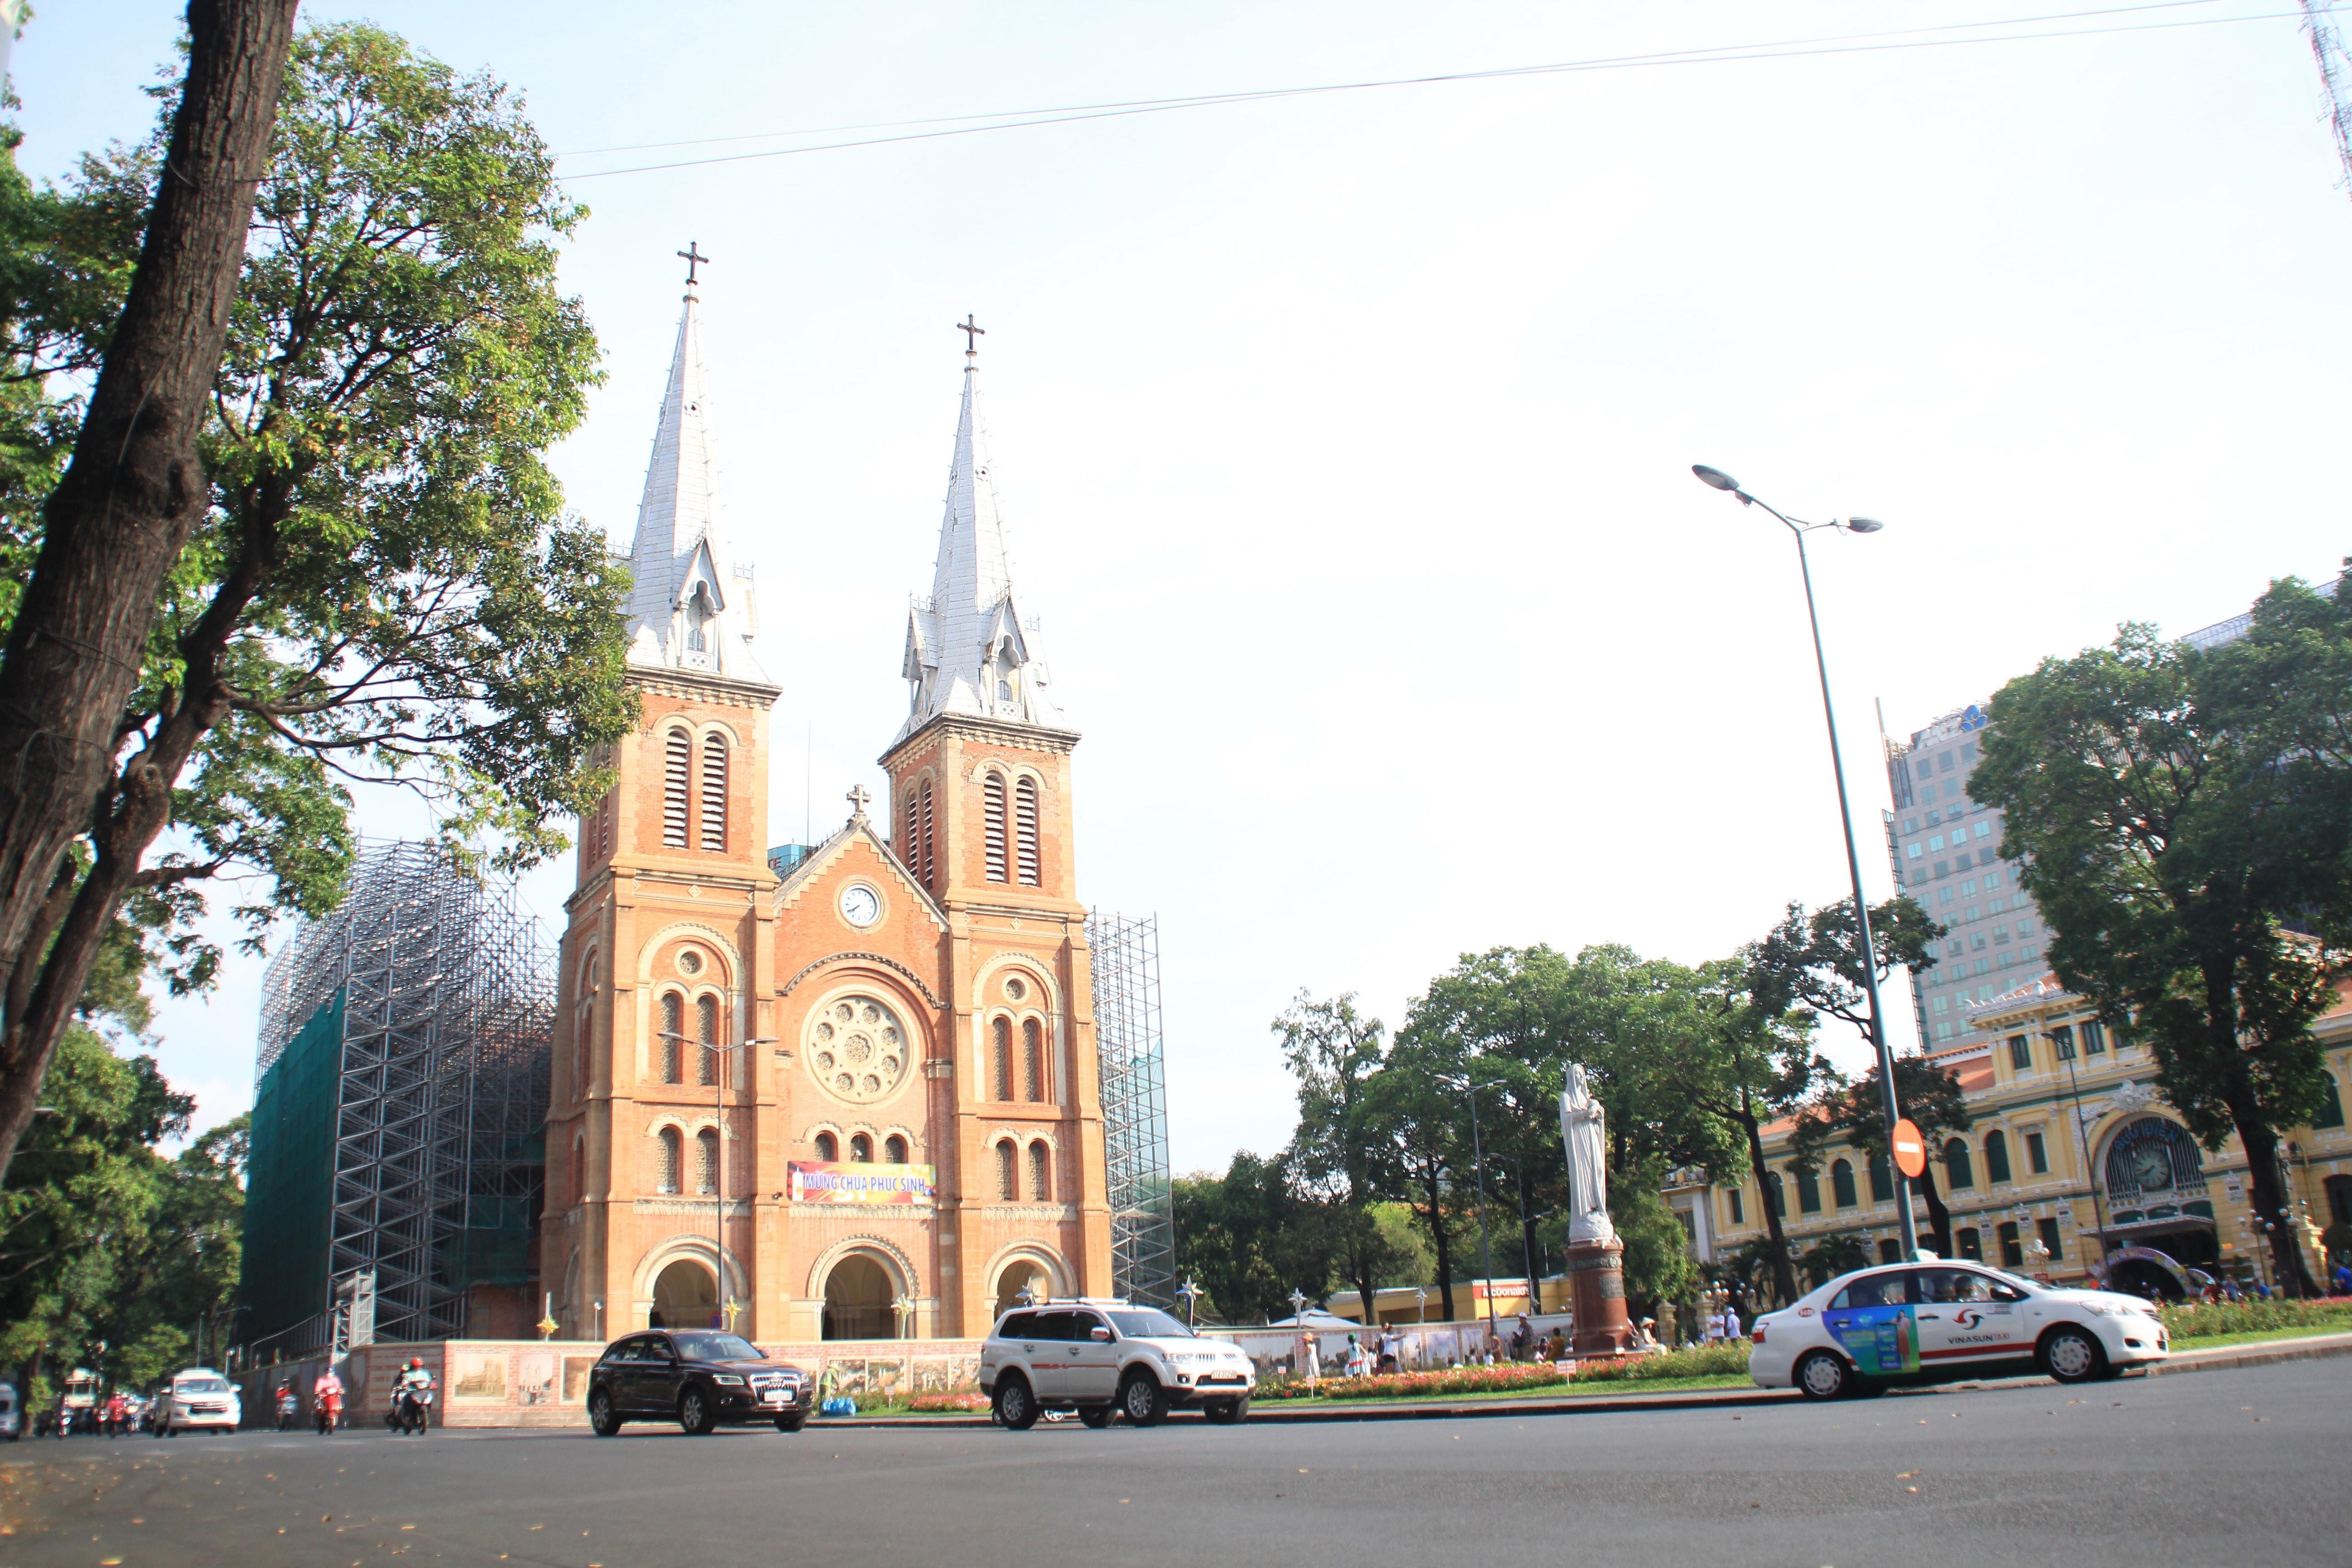 Khung cảnh yên ả ở Sài Gòn ngày đầu kỳ nghỉ lễ 30/4 và 1/5 Ảnh 1